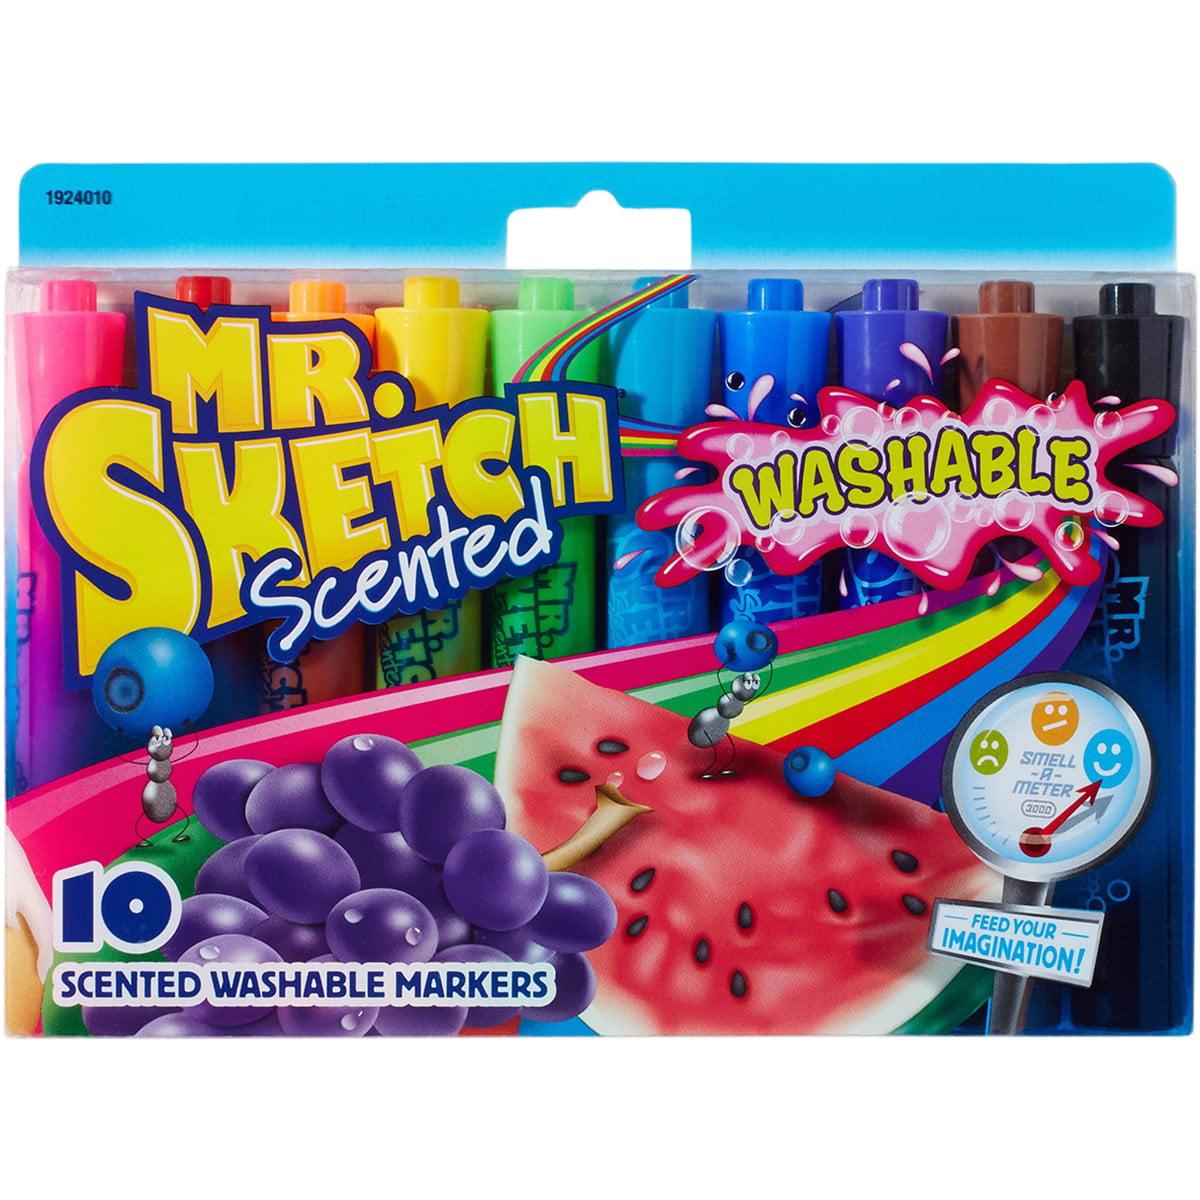 Mr.Sketch Scented Washable Marker Set, 10pk, Chisel